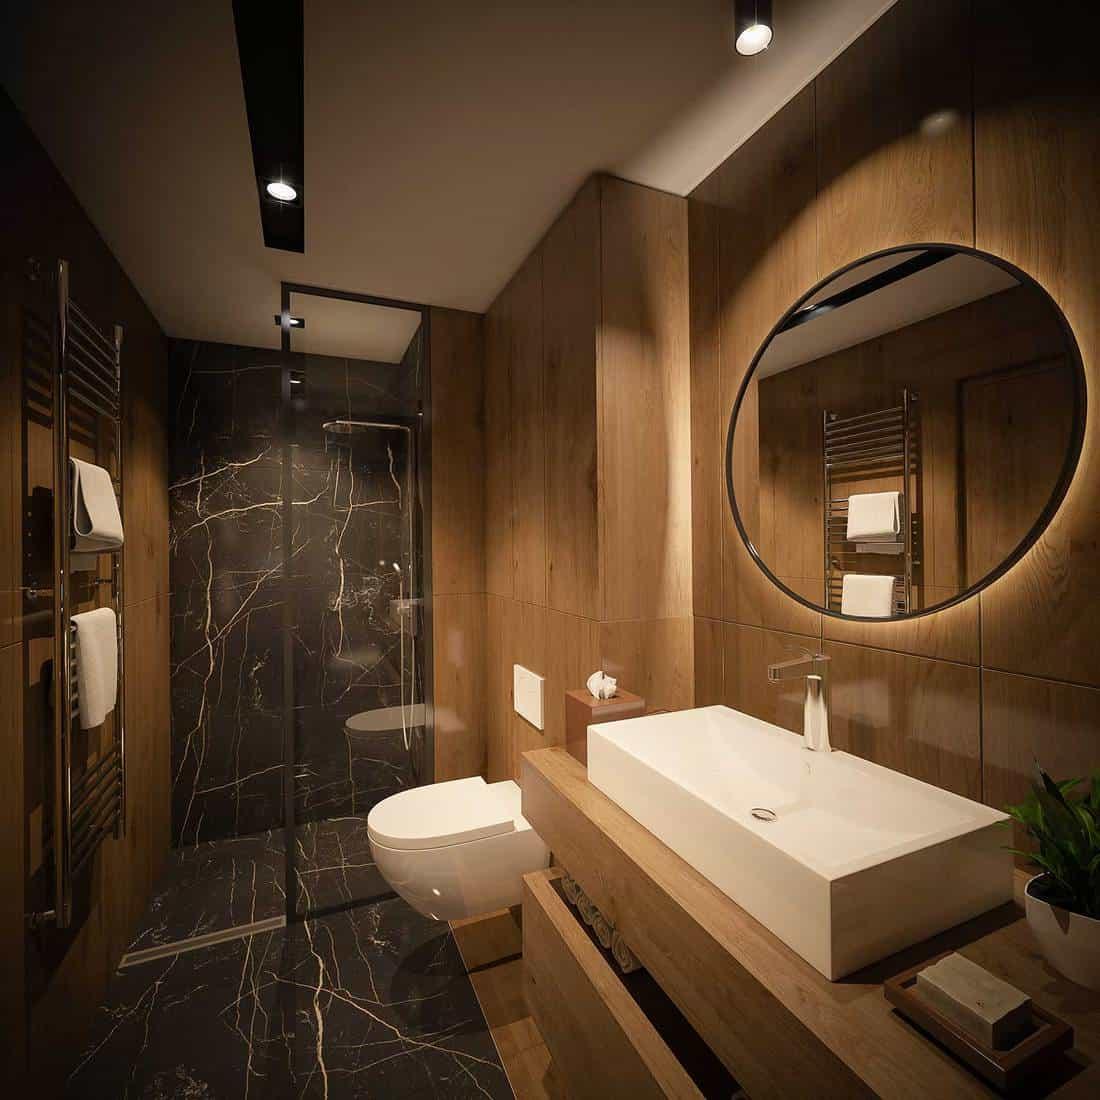 Modern bathroom interior with wooden walls, ceramic sink, round mirror, shower and toilet